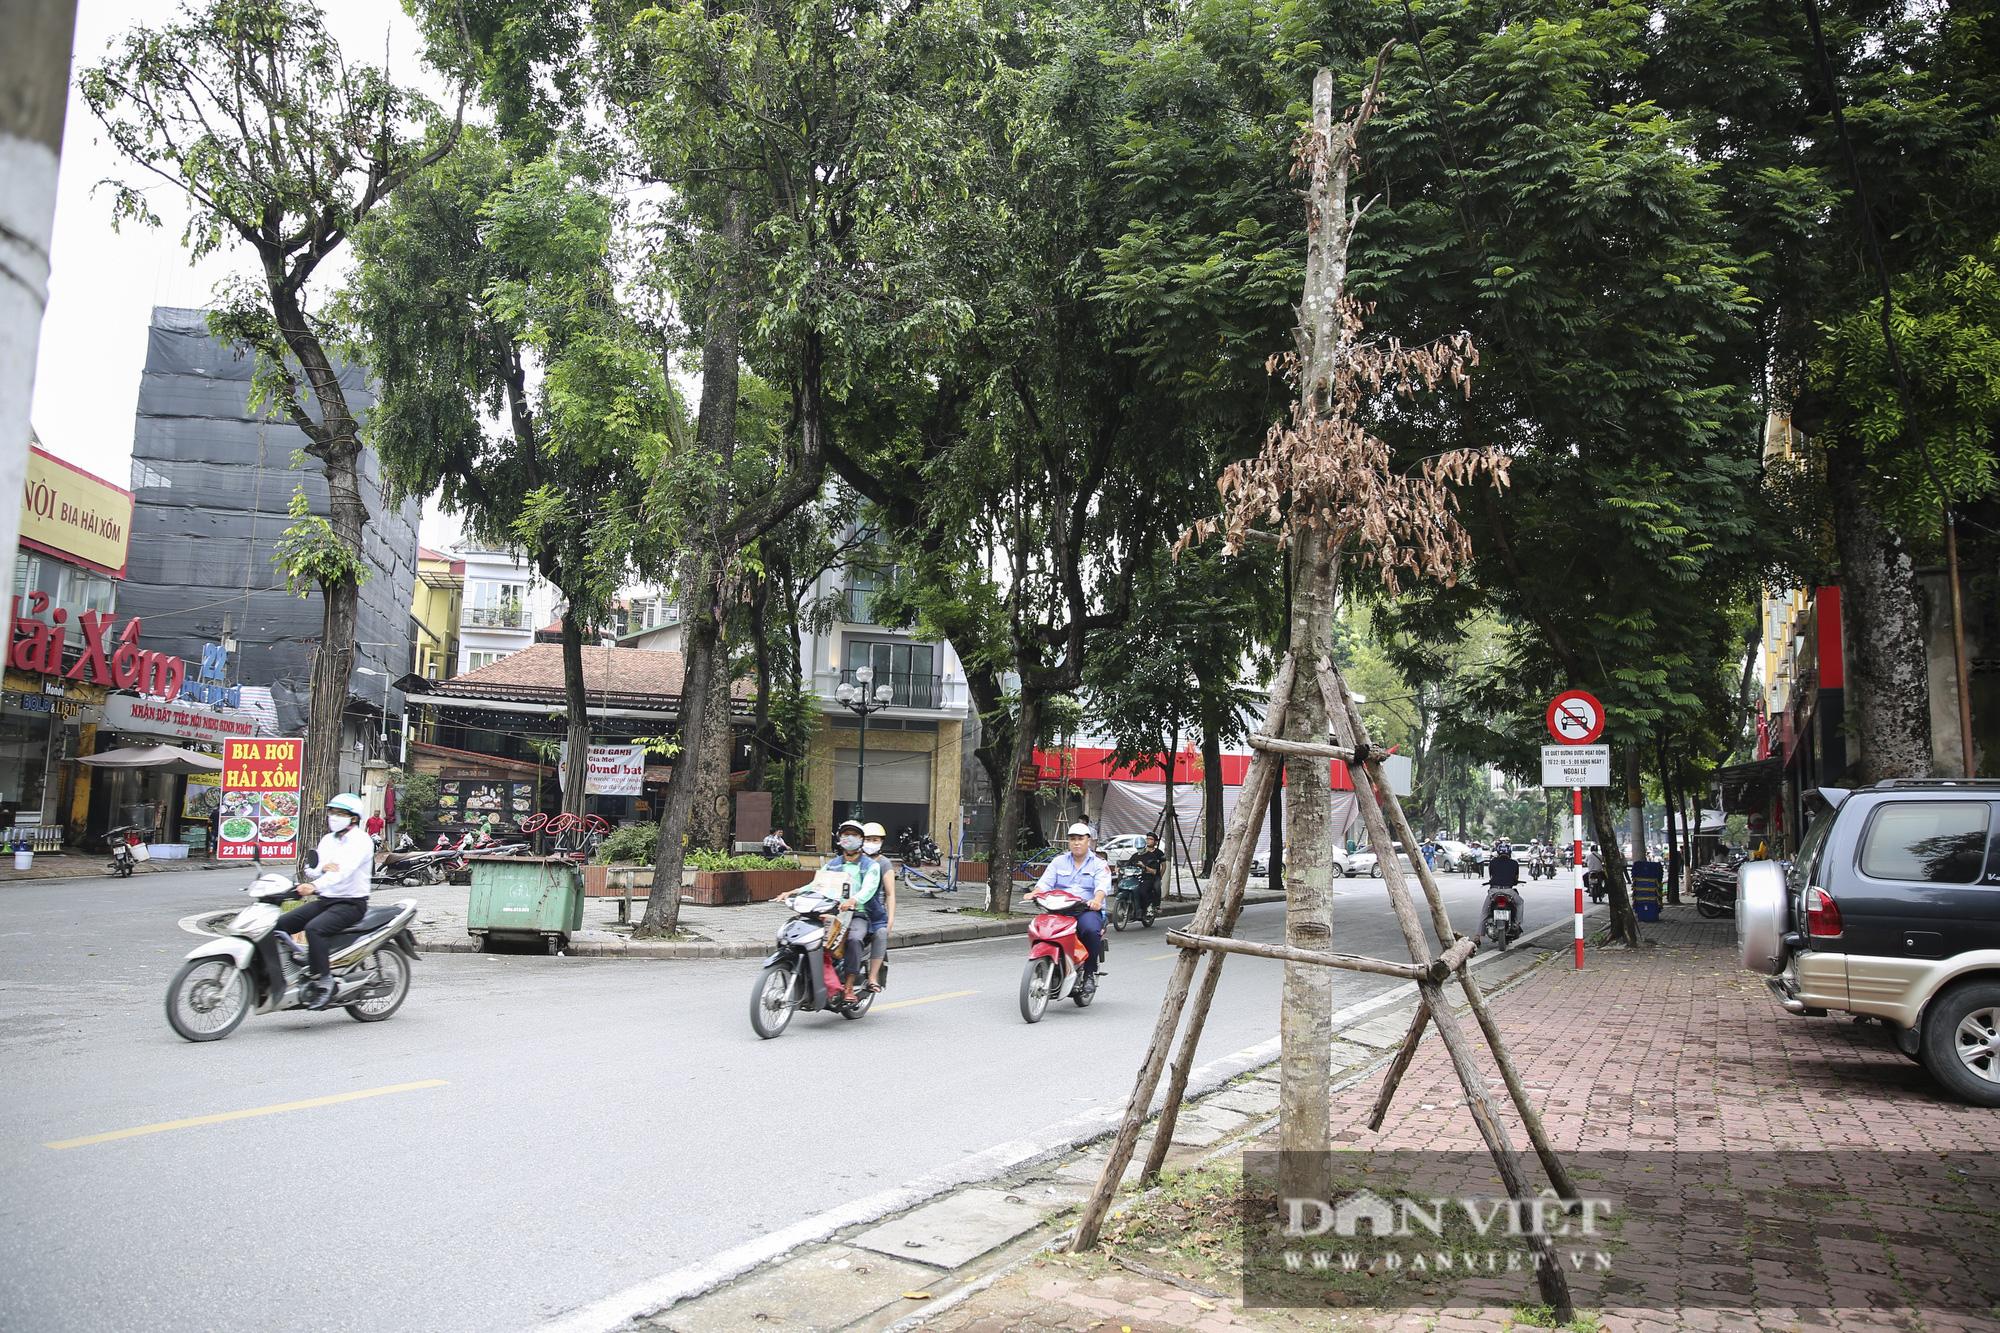 Hà Nội: Nhiều cây xanh trồng mới có dấu hiệu chết khô  - Ảnh 8.